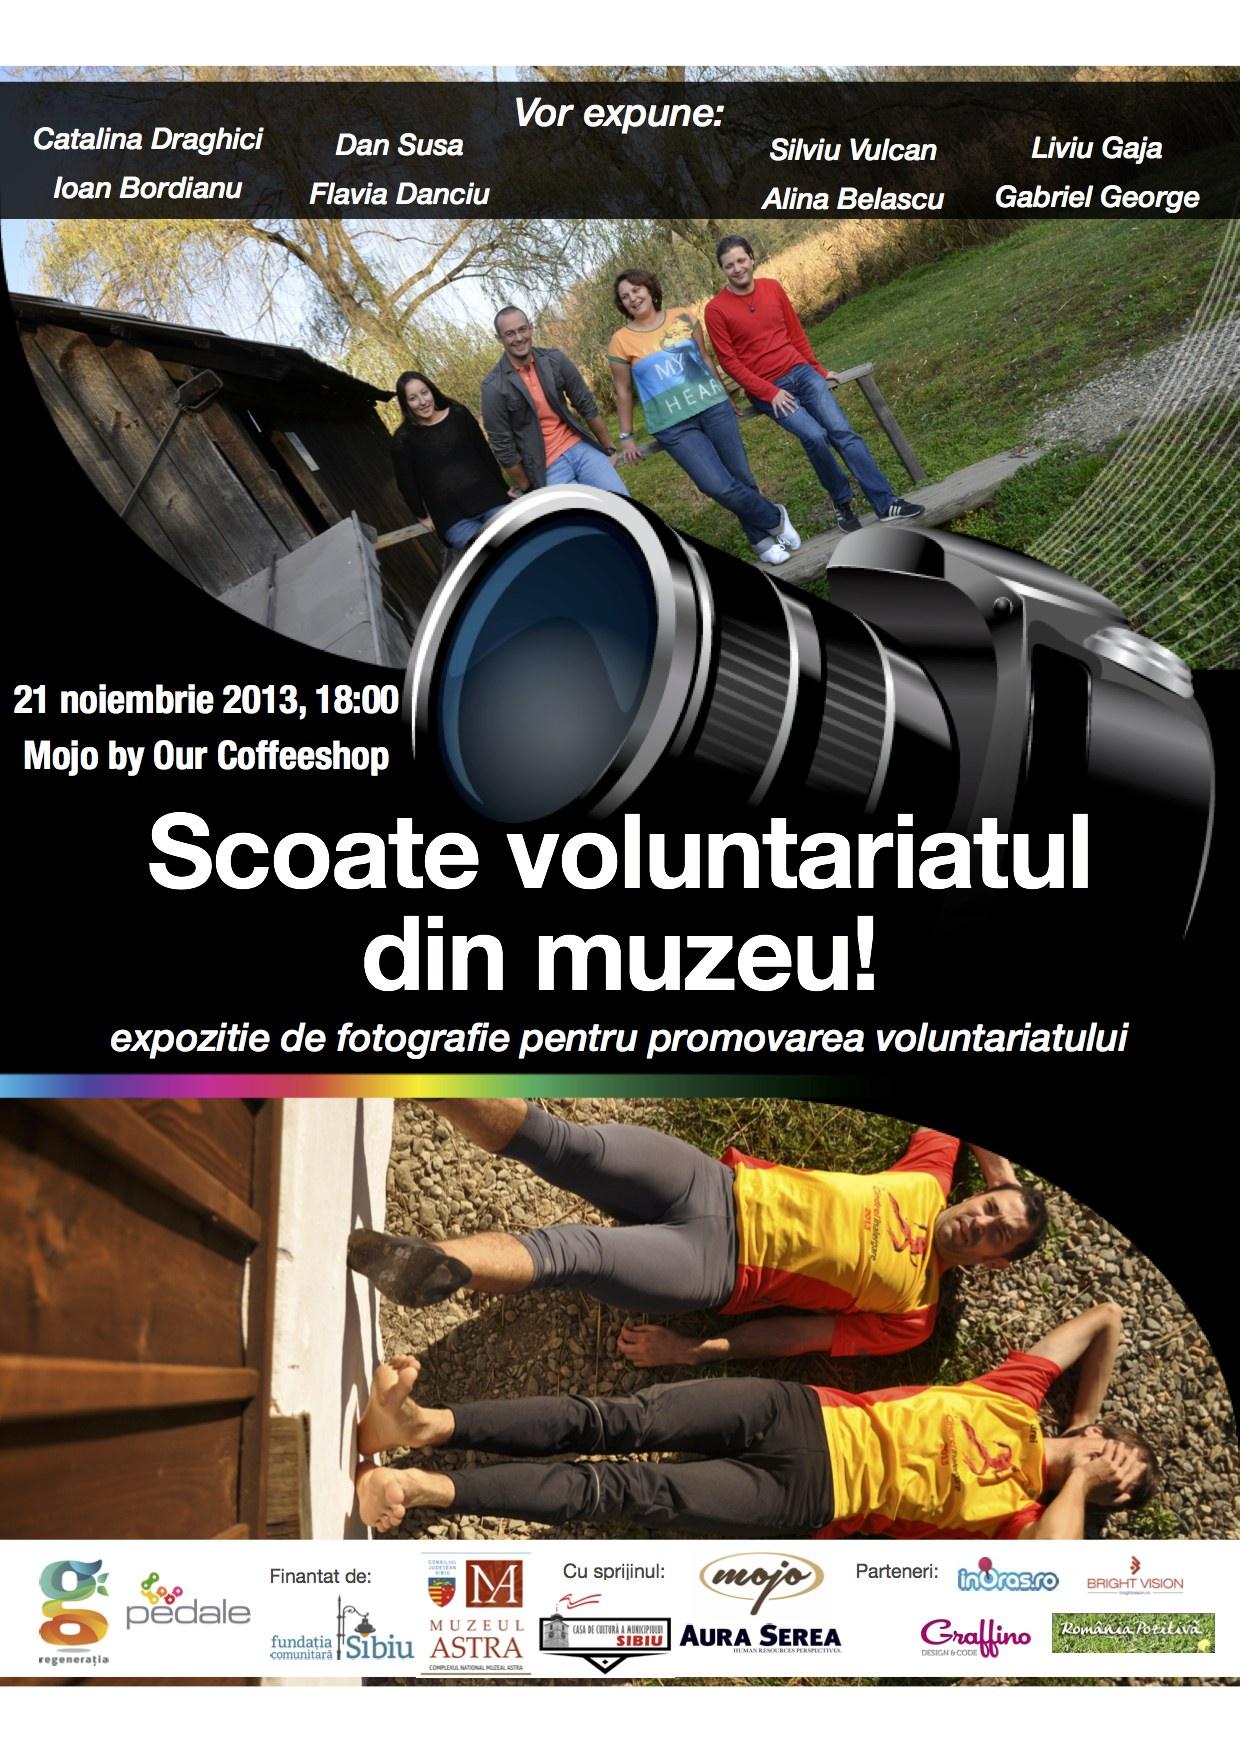 Expozitie foto Scoate voluntariatul din muzeu!